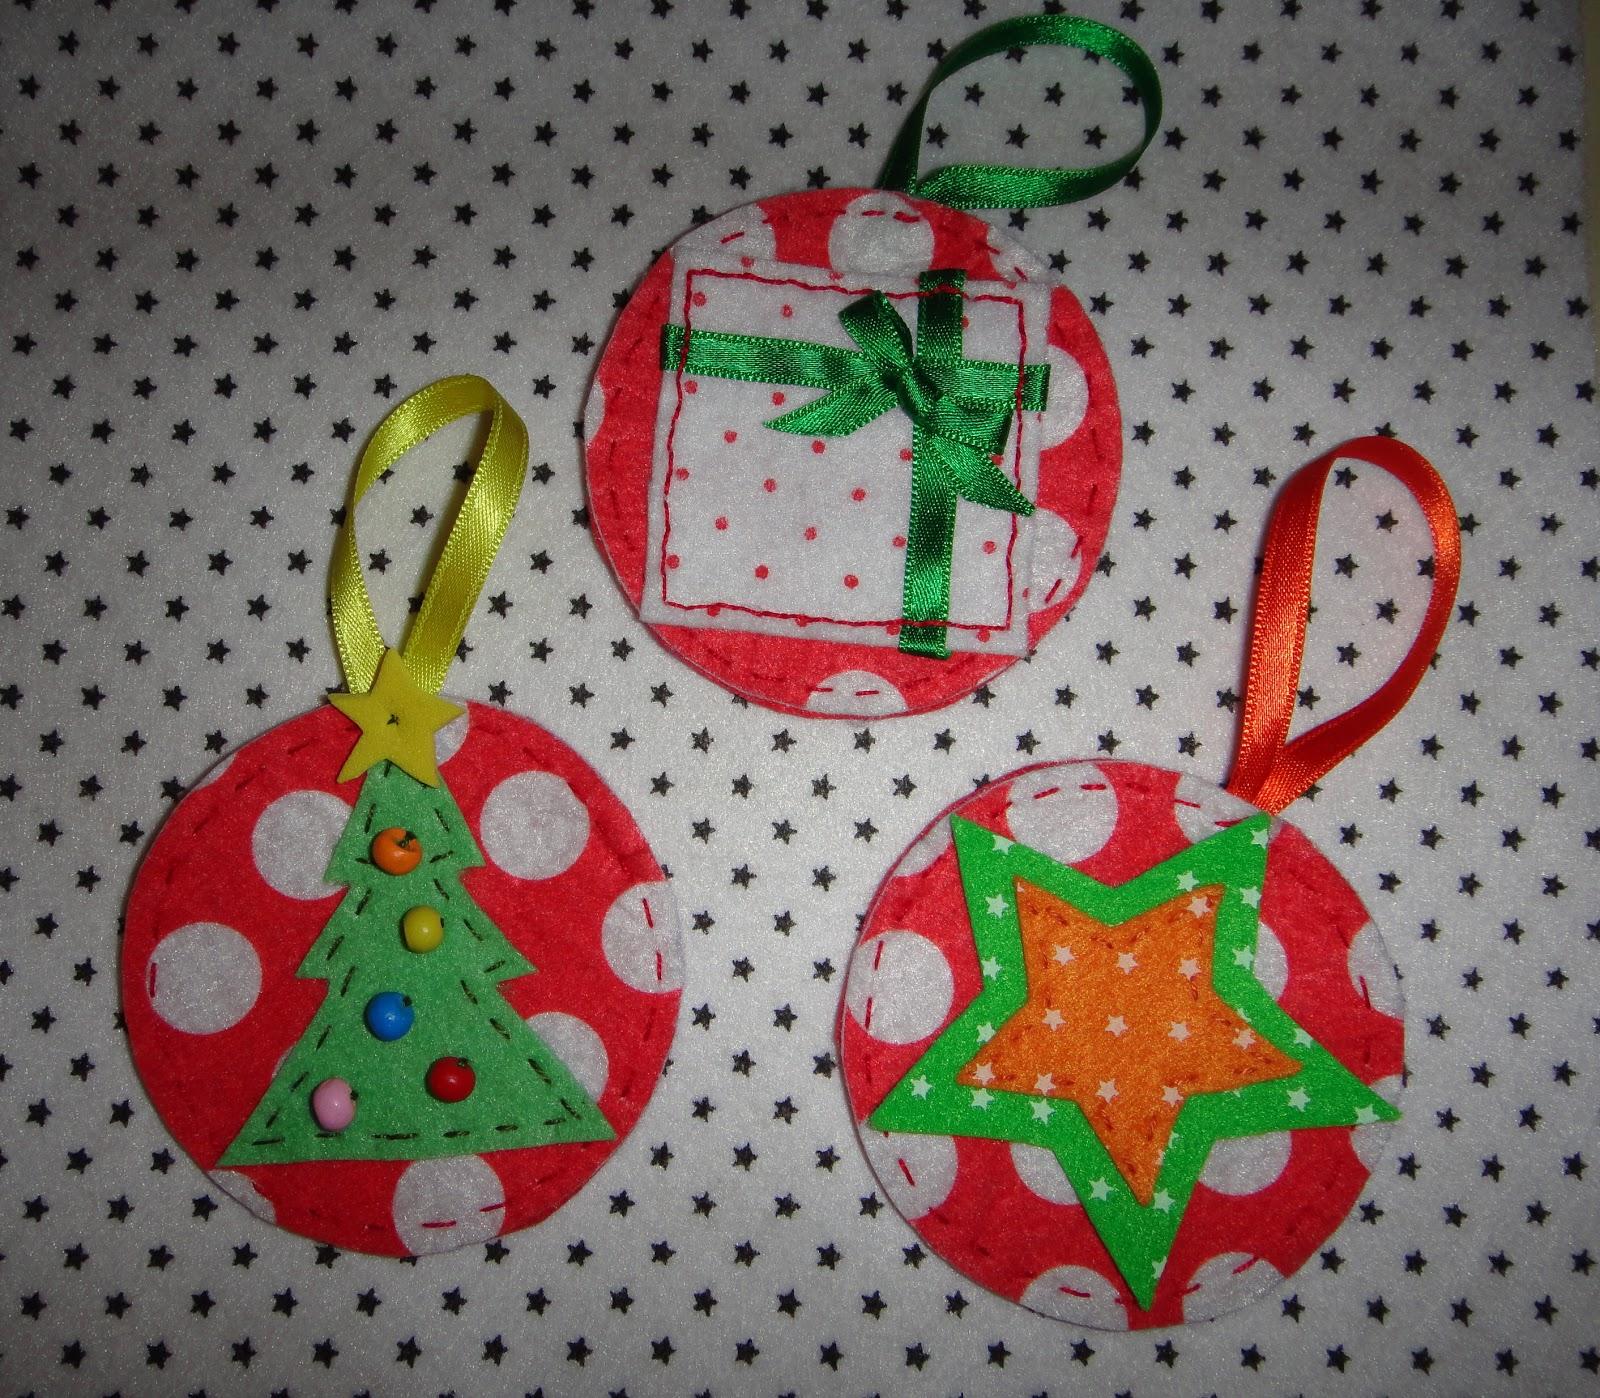 El taller de naid adornos de navidad i - Decoracion navidena para ninos ...